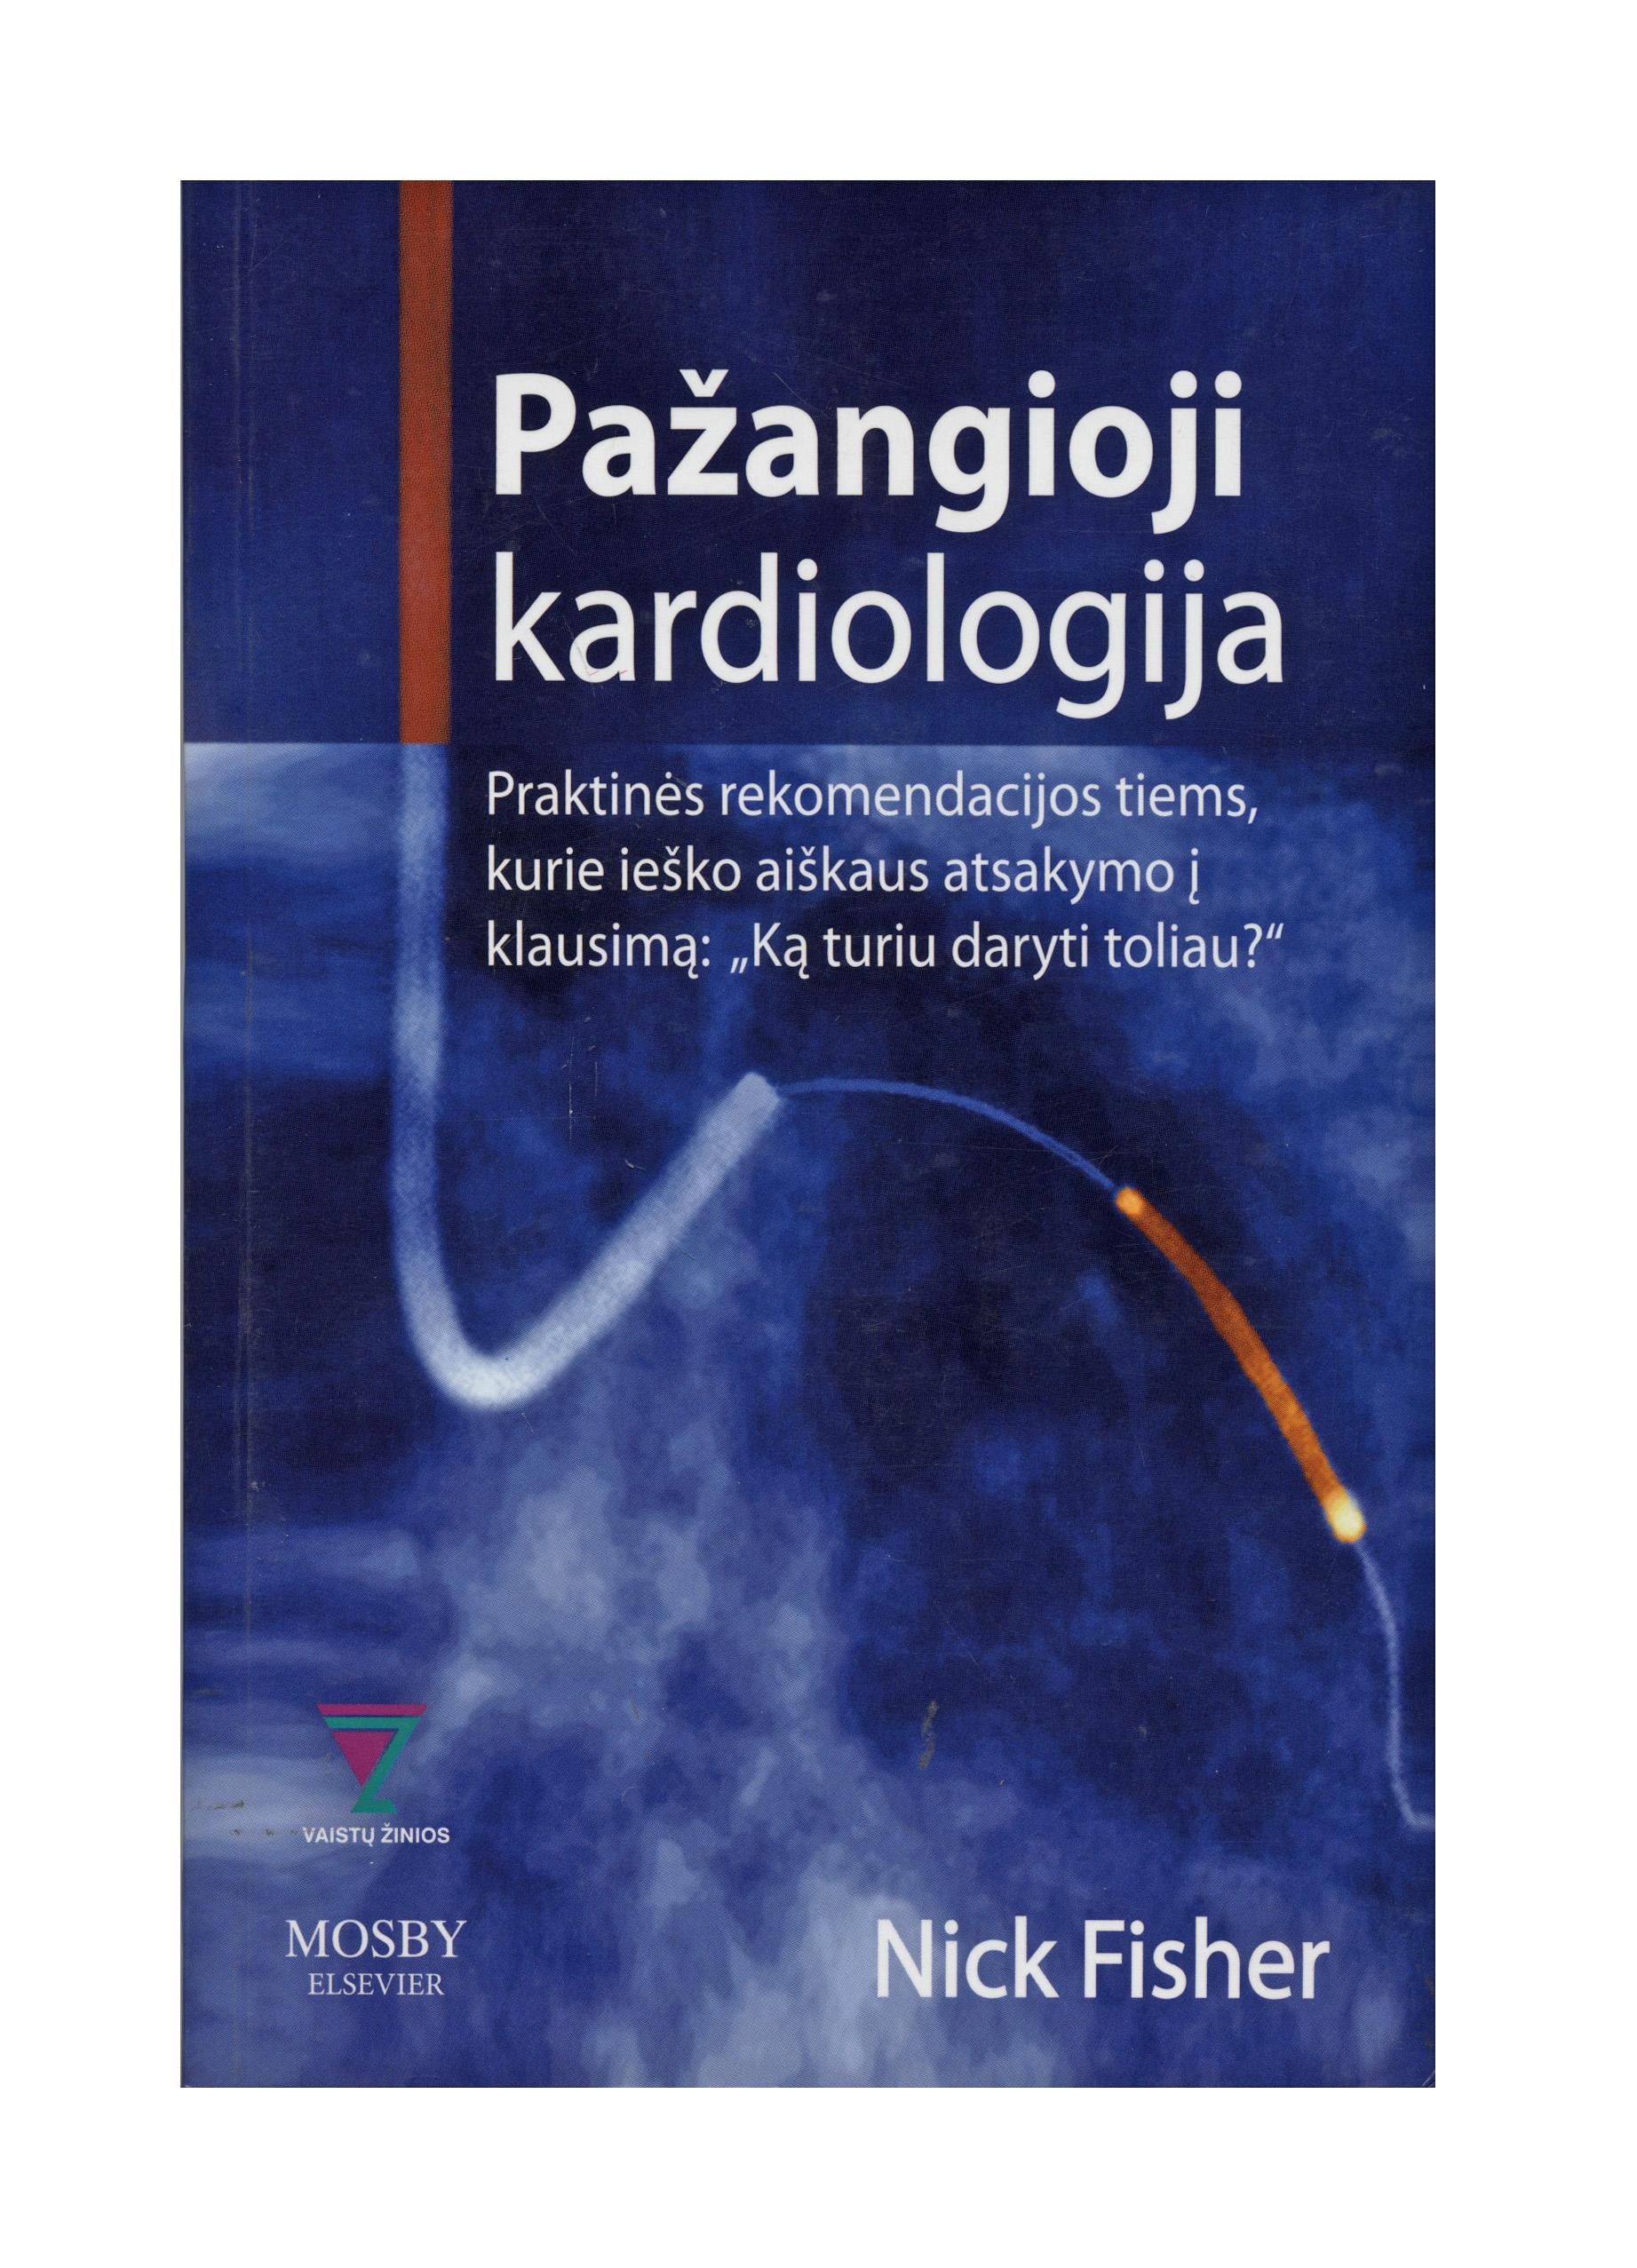 knygos apie kardiologinę hipertenziją)